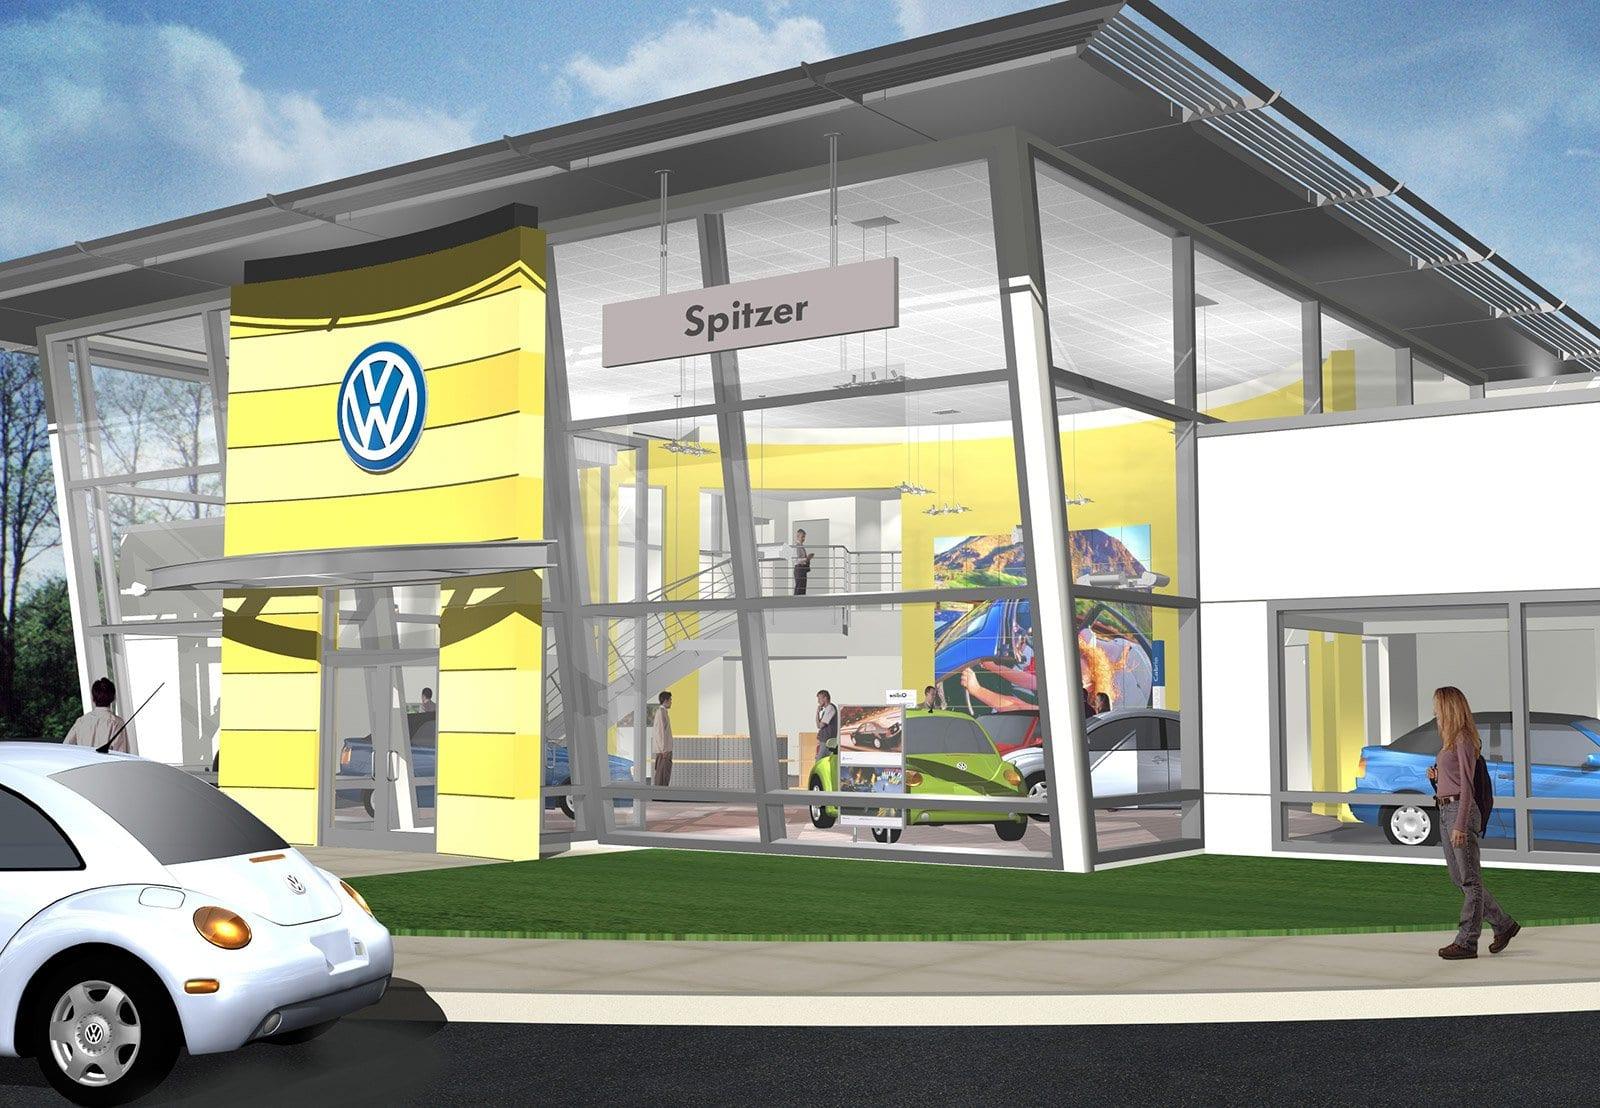 Spitzer Volkswagen 171 Arkinetics